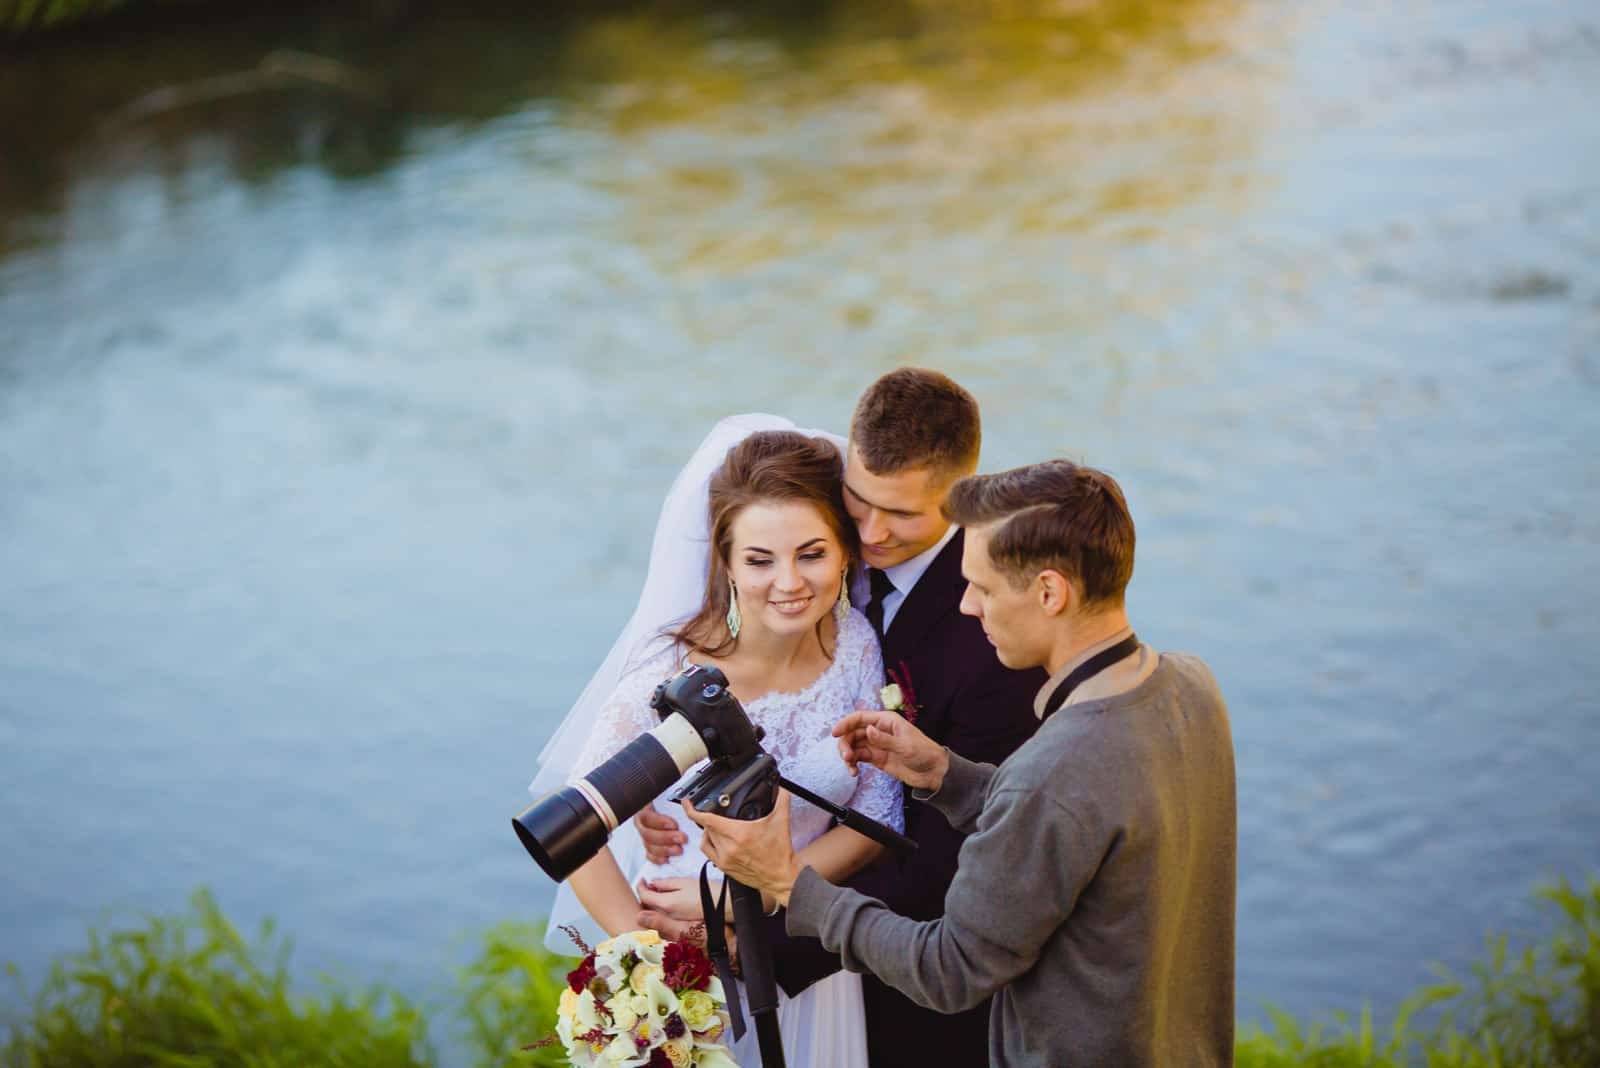 Der Fotograf, der Braut und Bräutigam zeigt, hatte gerade Fotos gemacht